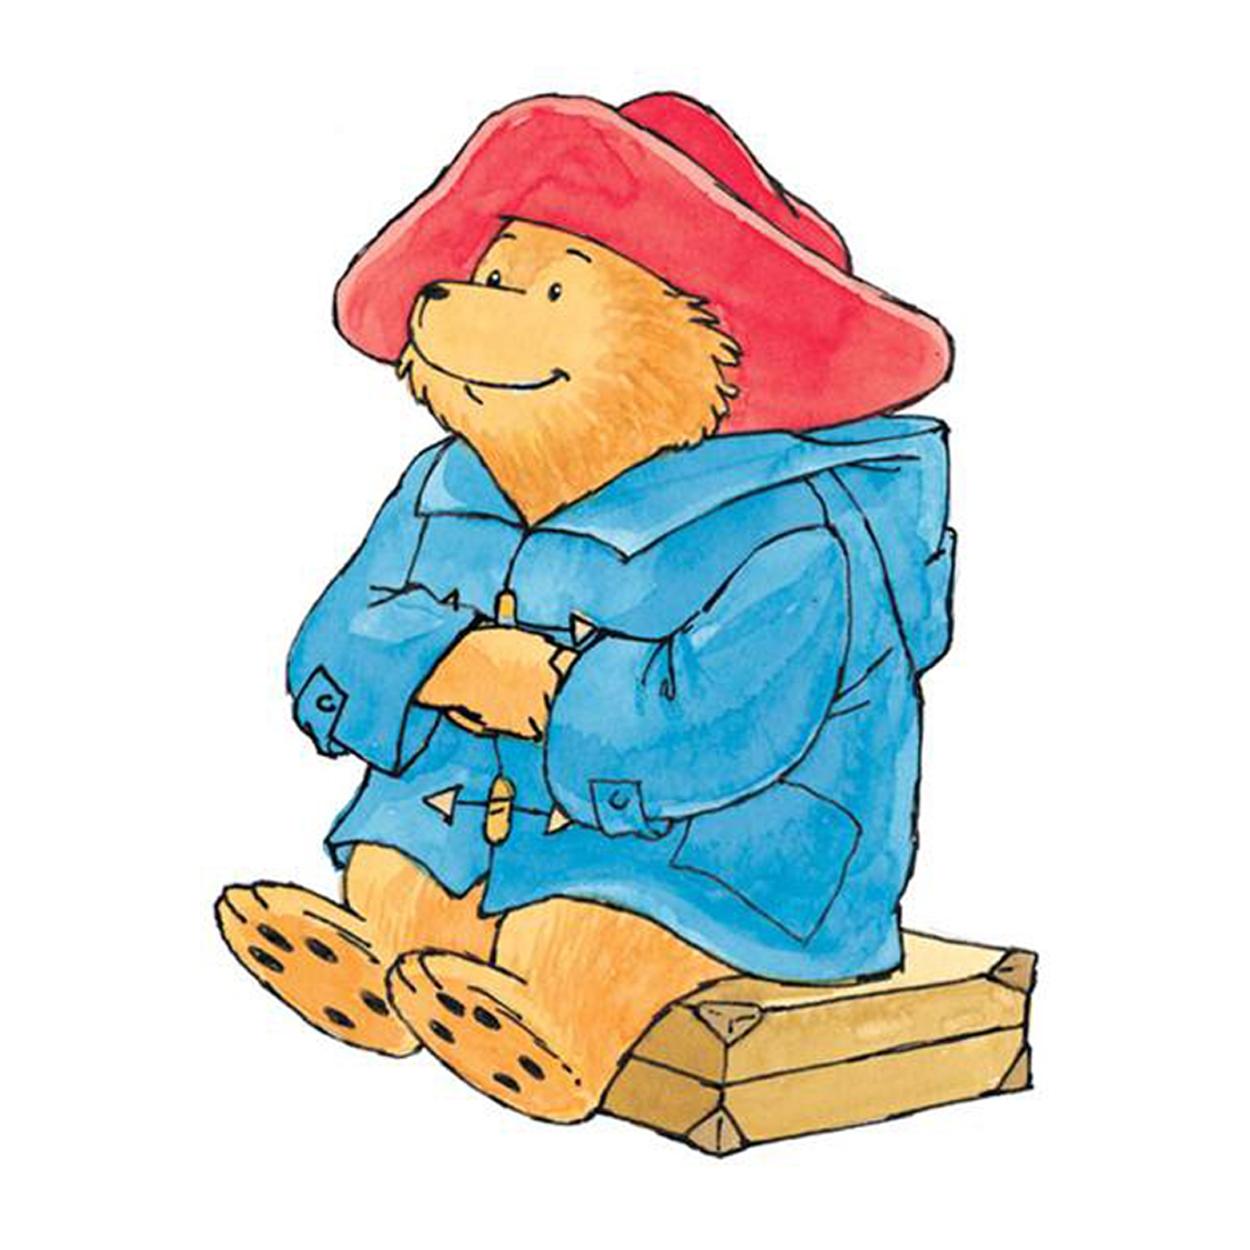 Paddington Bear Clipart at GetDrawings.com.